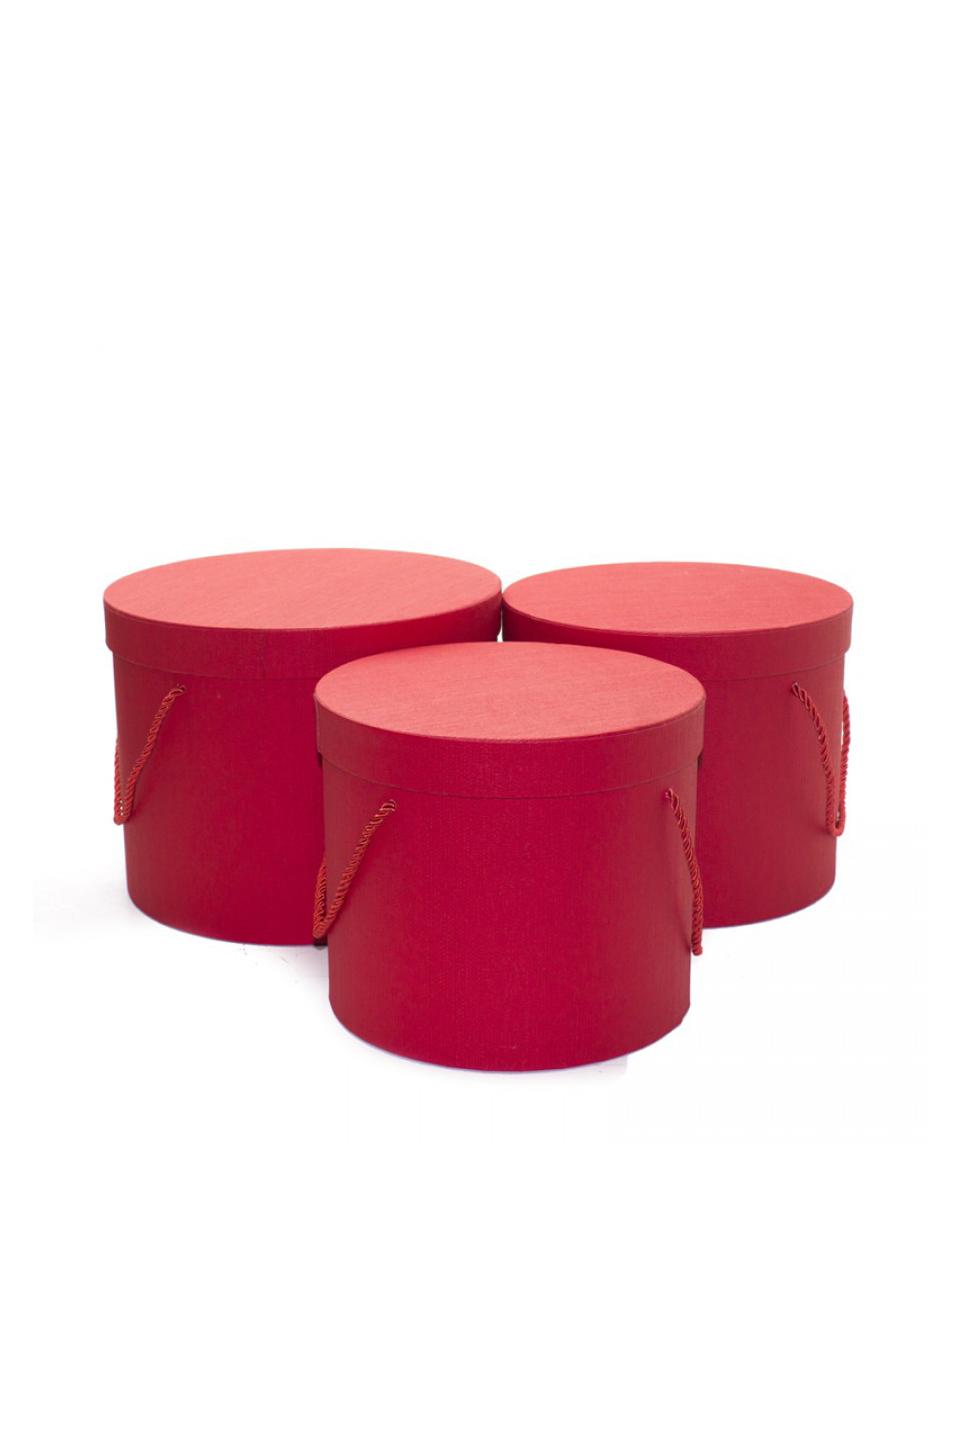 Set 3 Scatole regalo - Flower box rosse in cartoncino con manici h. 20 x d. 25 cm; h. 19 x d. 22cm; h.18 x d. 20 cm